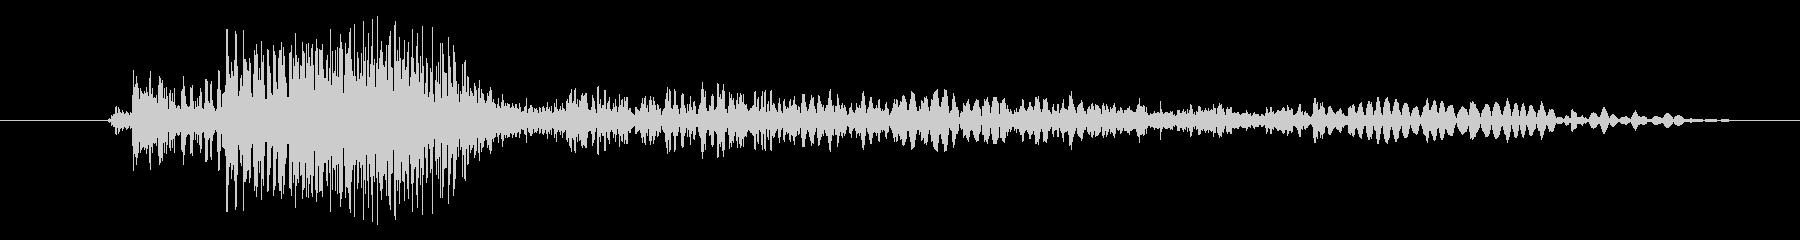 ヒューマノイド 魚人の樹皮02の未再生の波形